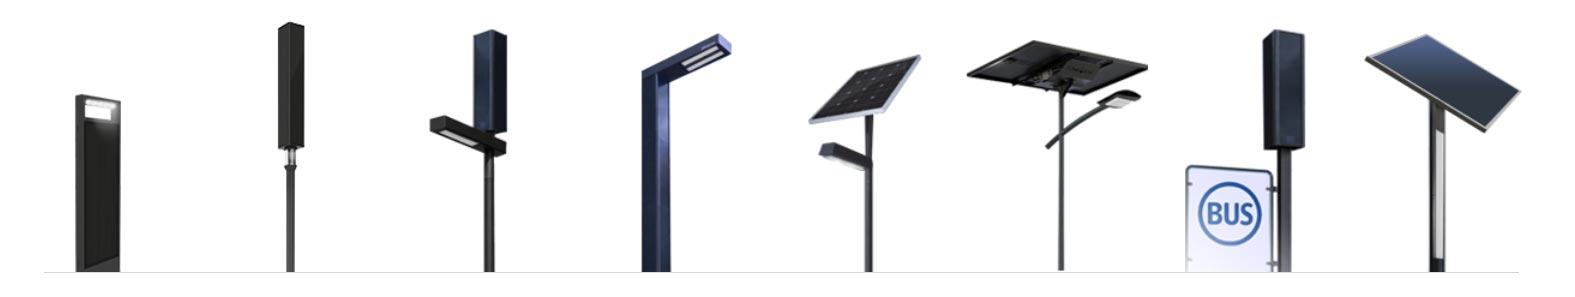 Catalogue lampadaire et candélabre solaire